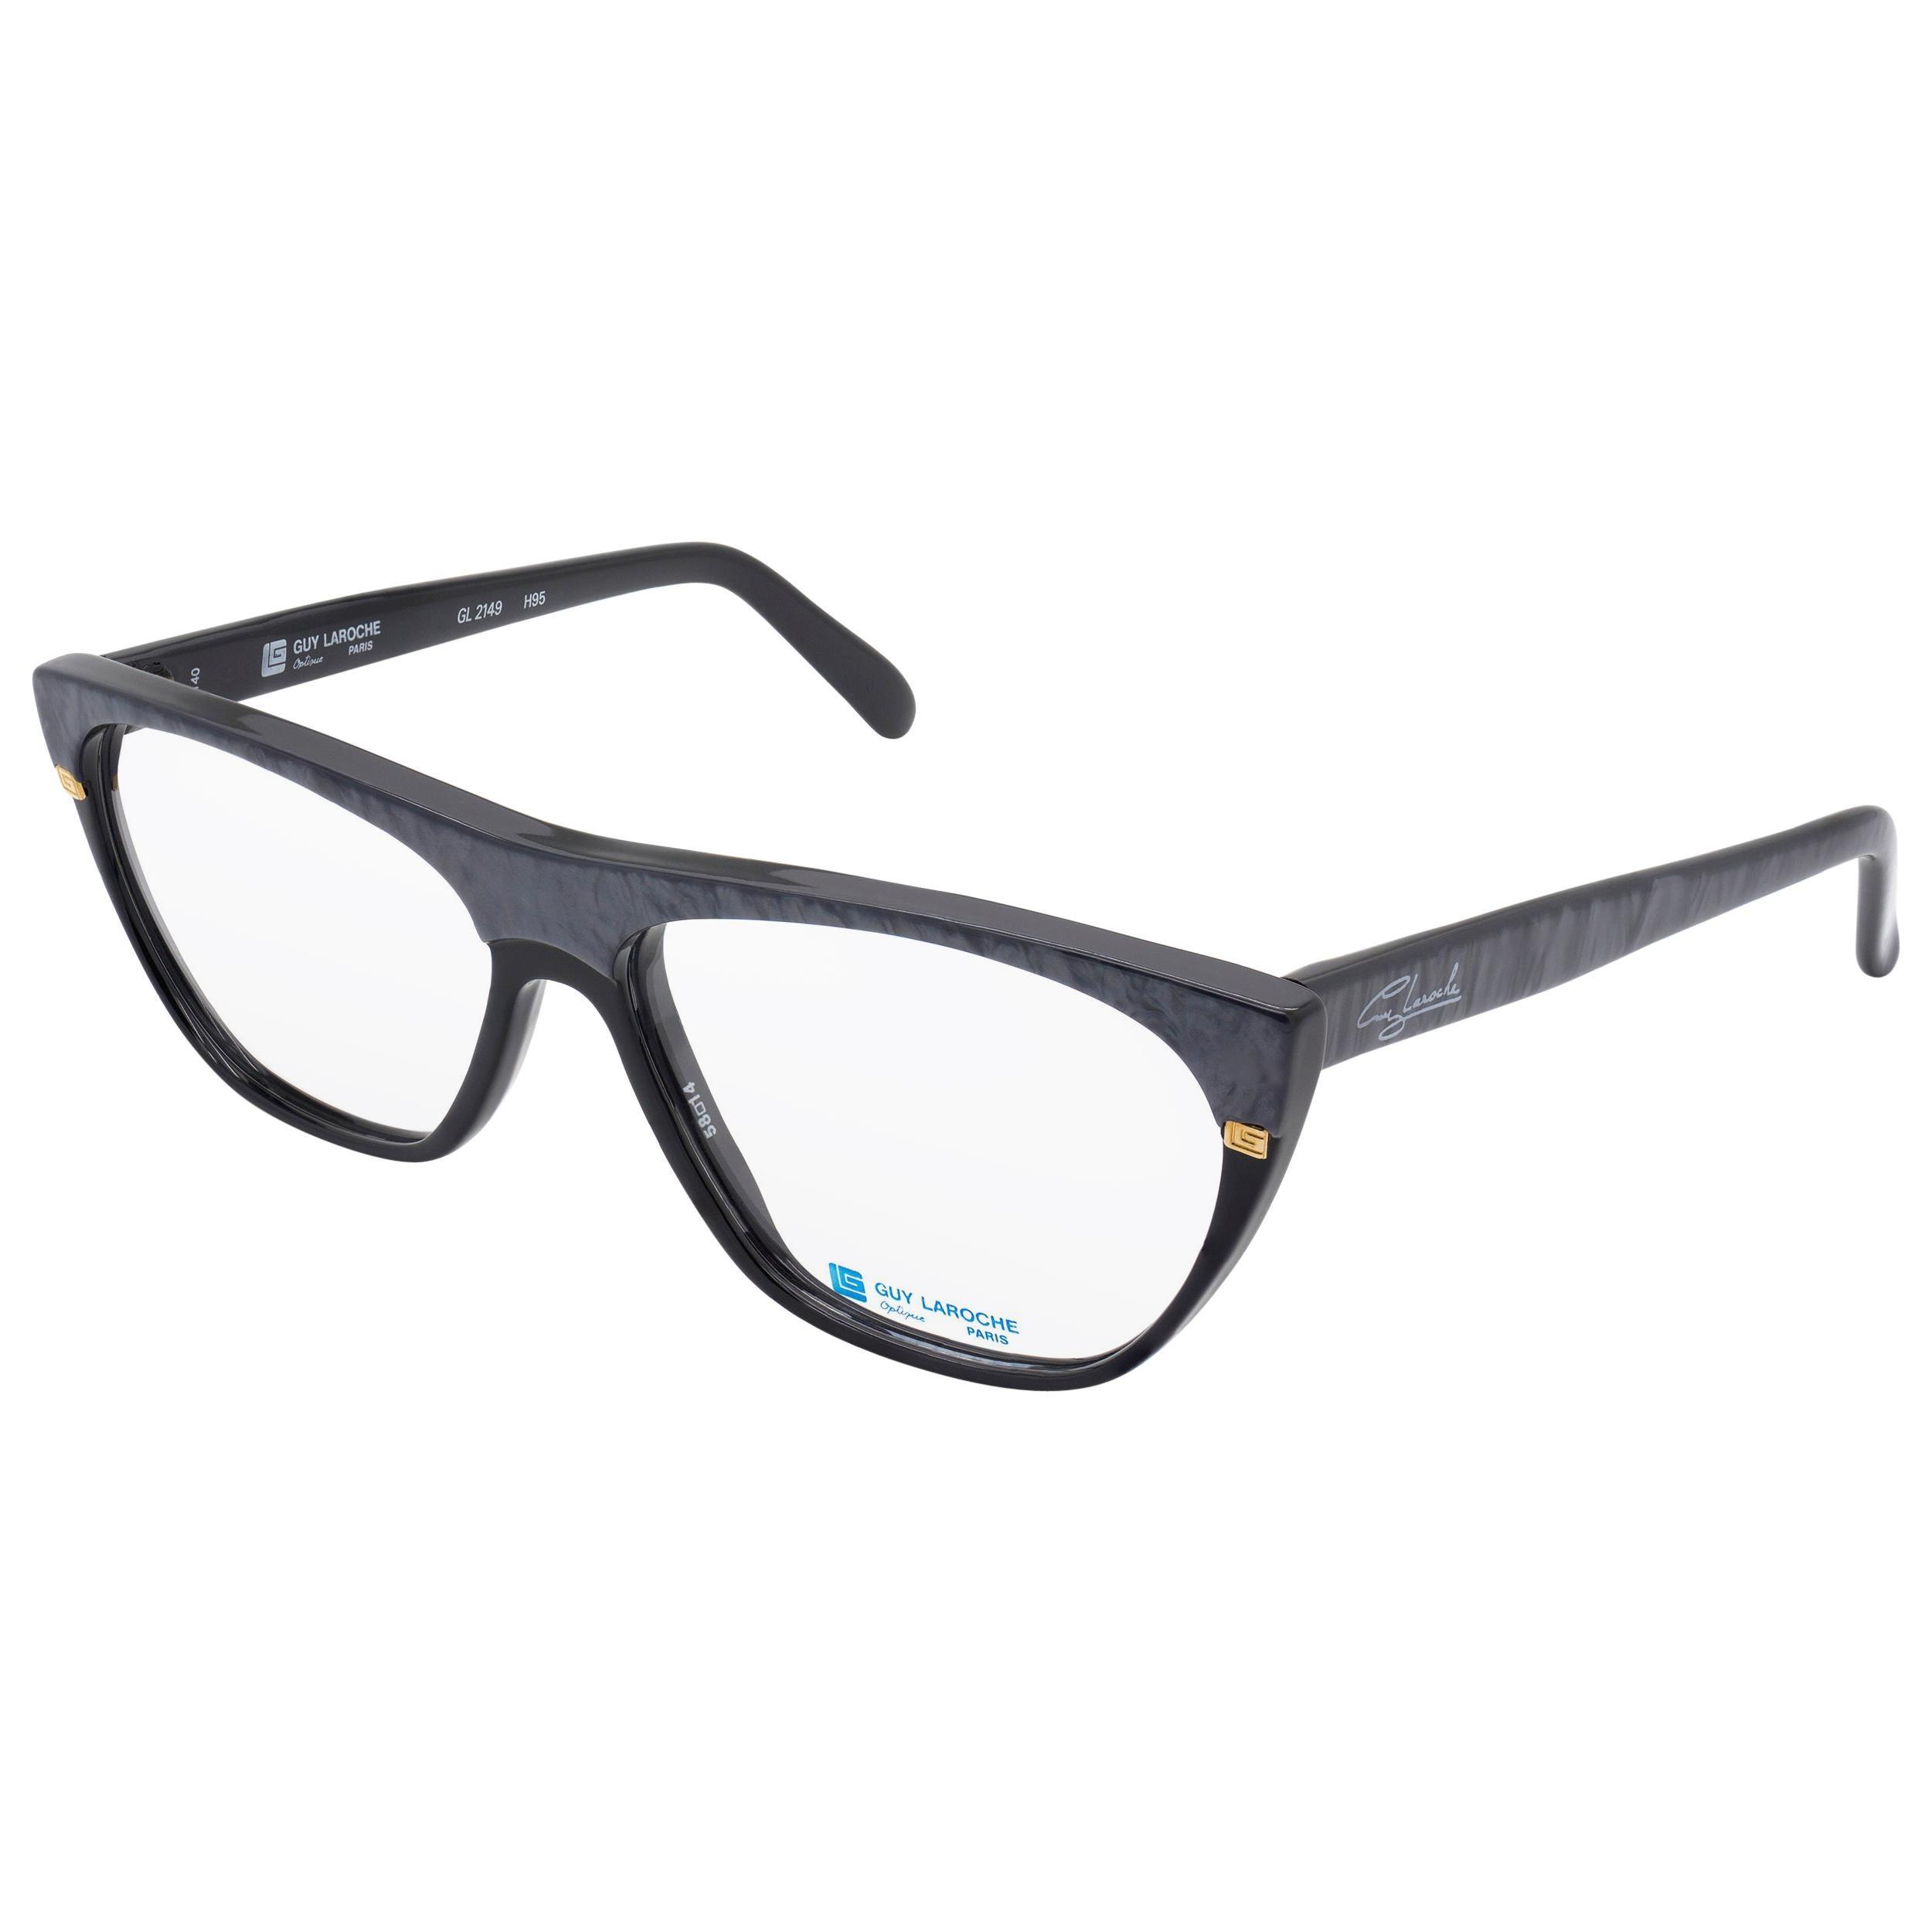 Guy Laroche eyeglasses for women, France 80s